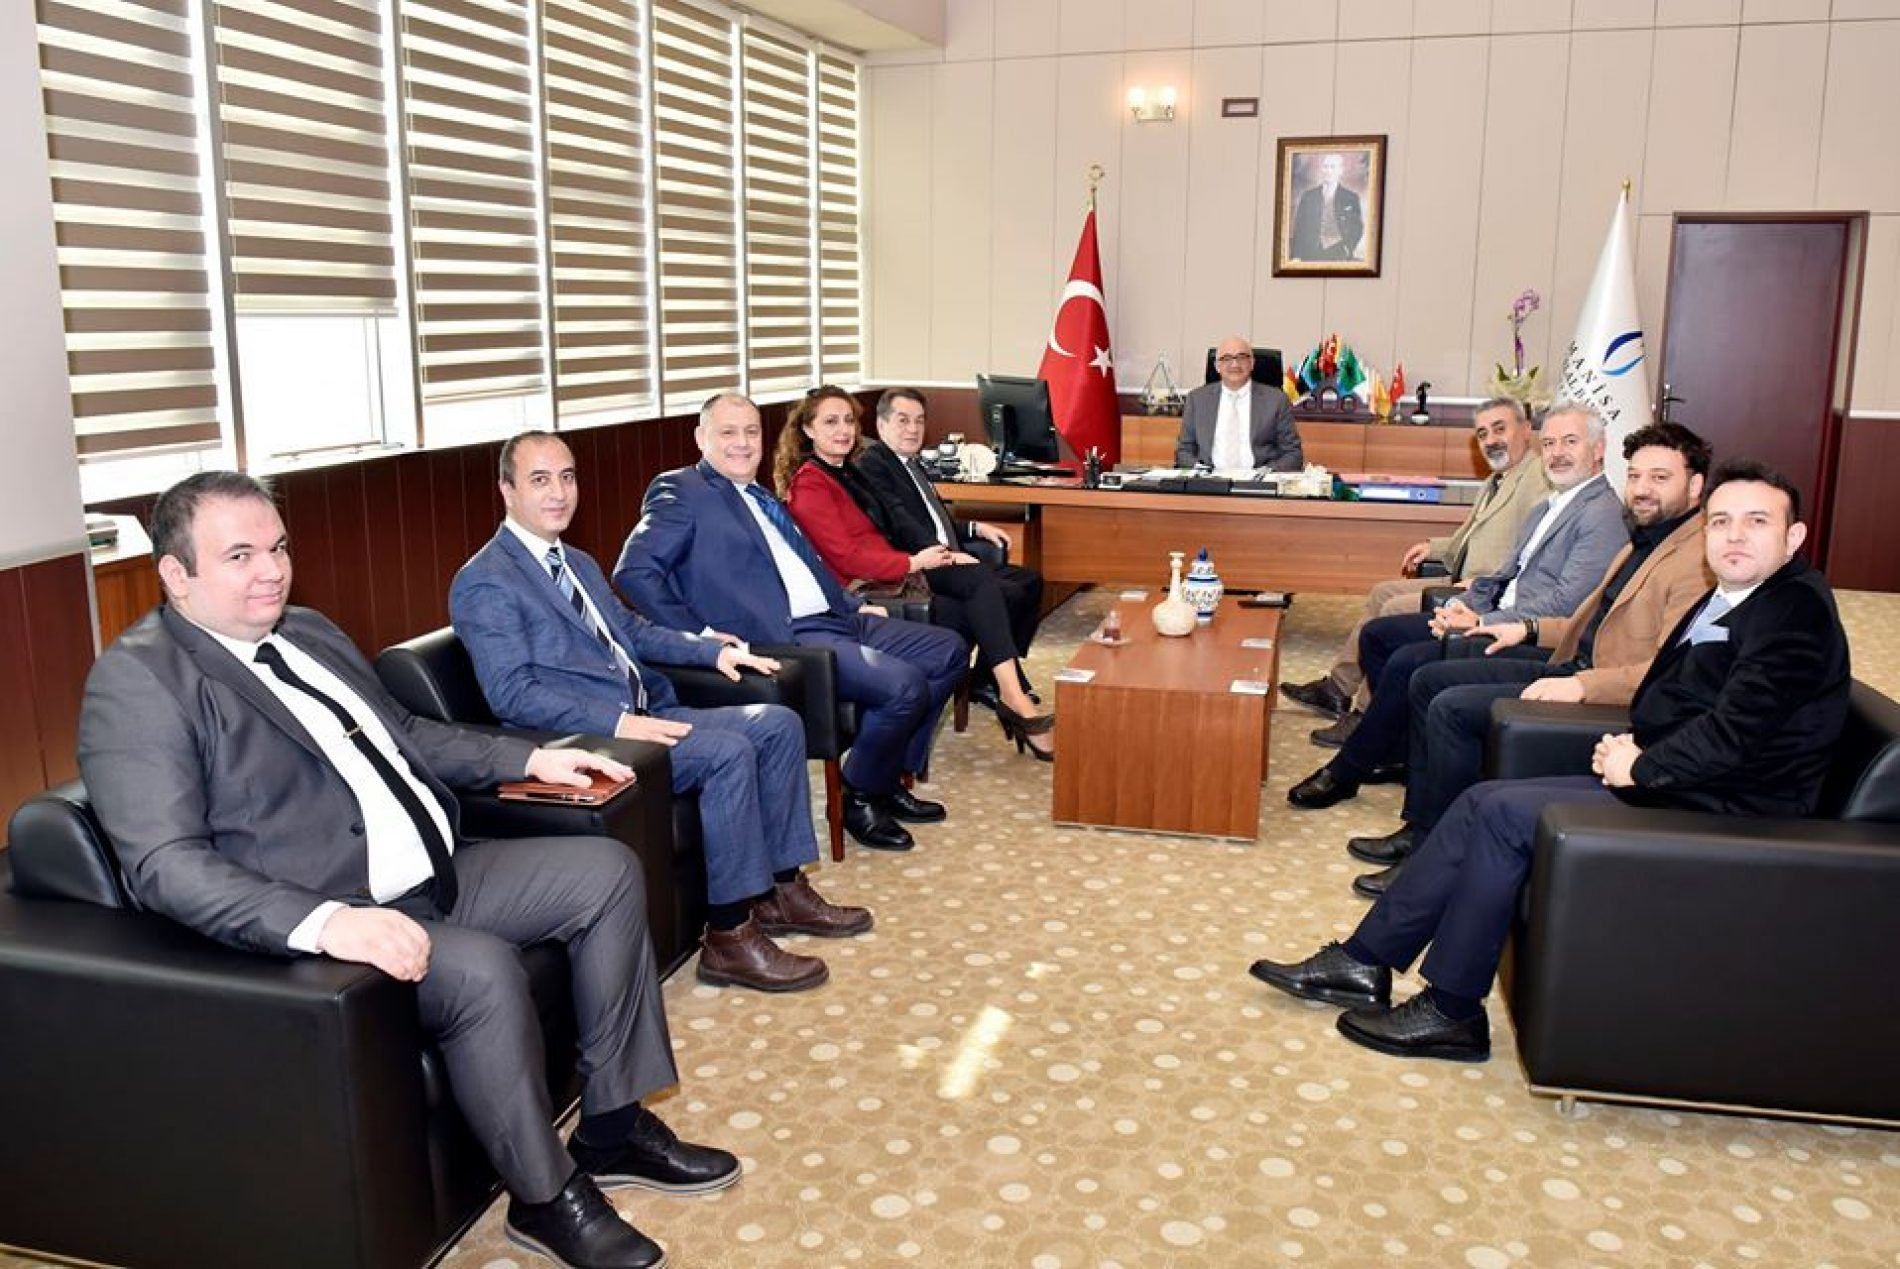 TBD Bilişim Günleri Anadolu Üniversite Etkinliklerimizde Manisa Celal Bayar Üniversitesi Ahmetli Meslek Yüksek Okulundaydık.